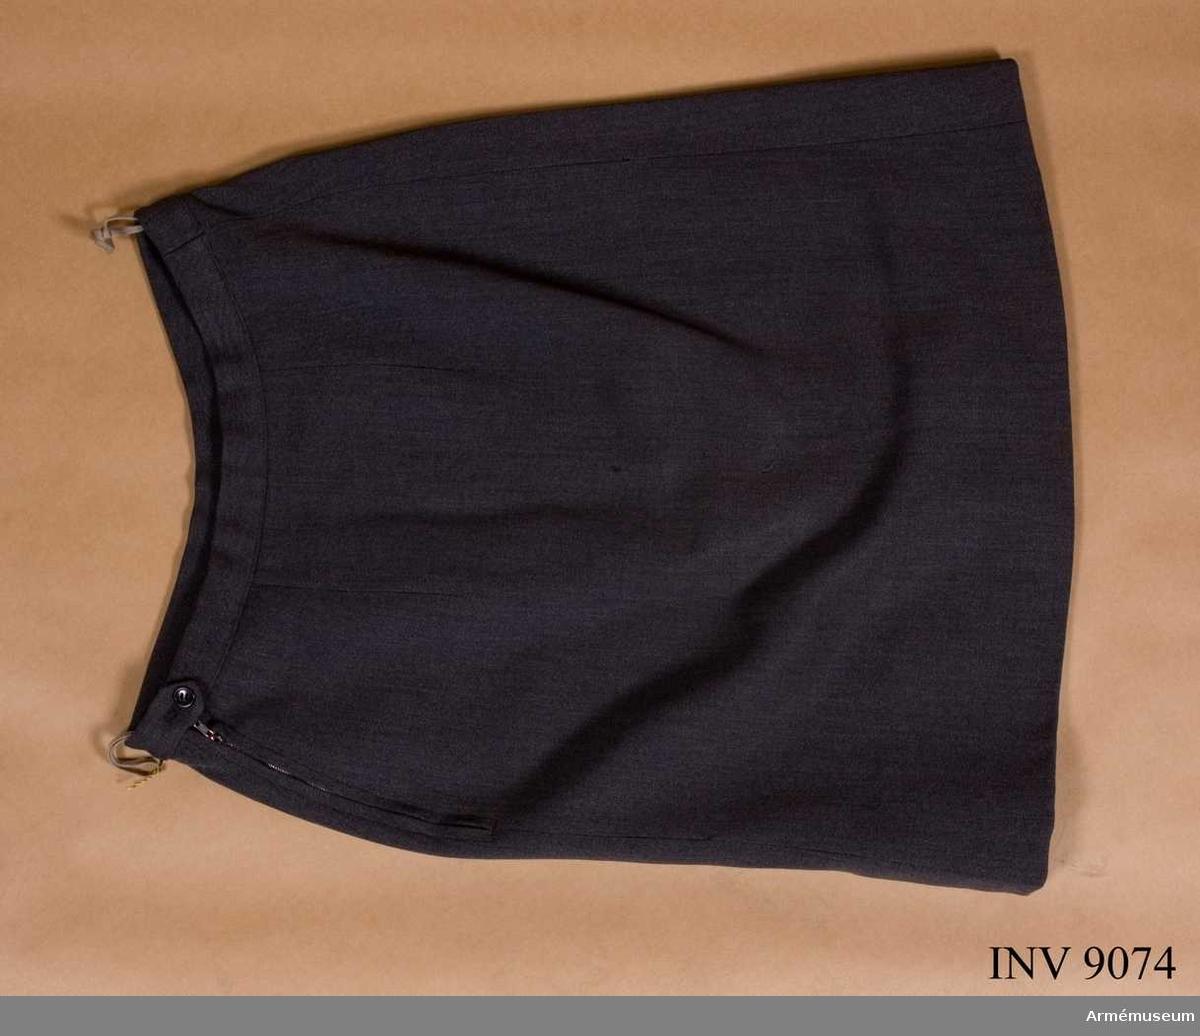 Av samma tyg och färg som jackan. Kjolen är ofodrad, försedd med linning i midjan, två passpoalerade fickor framtill och ett motveck mitt fram. Blixtlås i vänster sida.